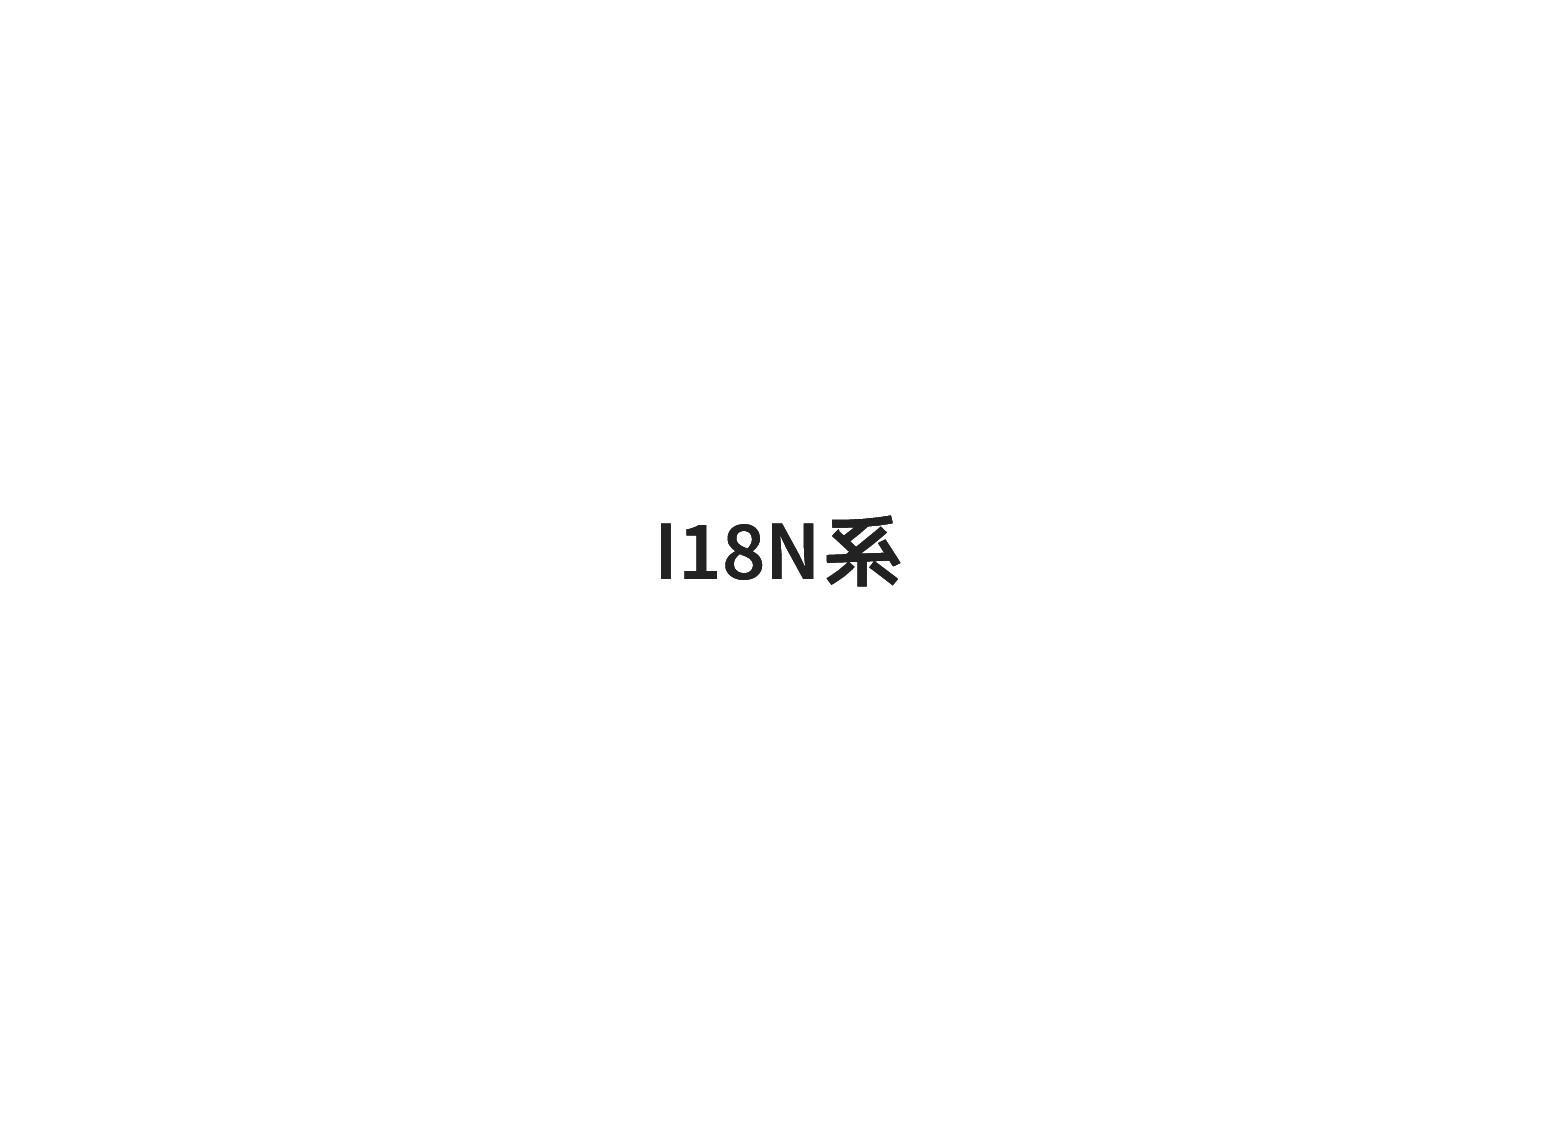 I18N系 I18N系